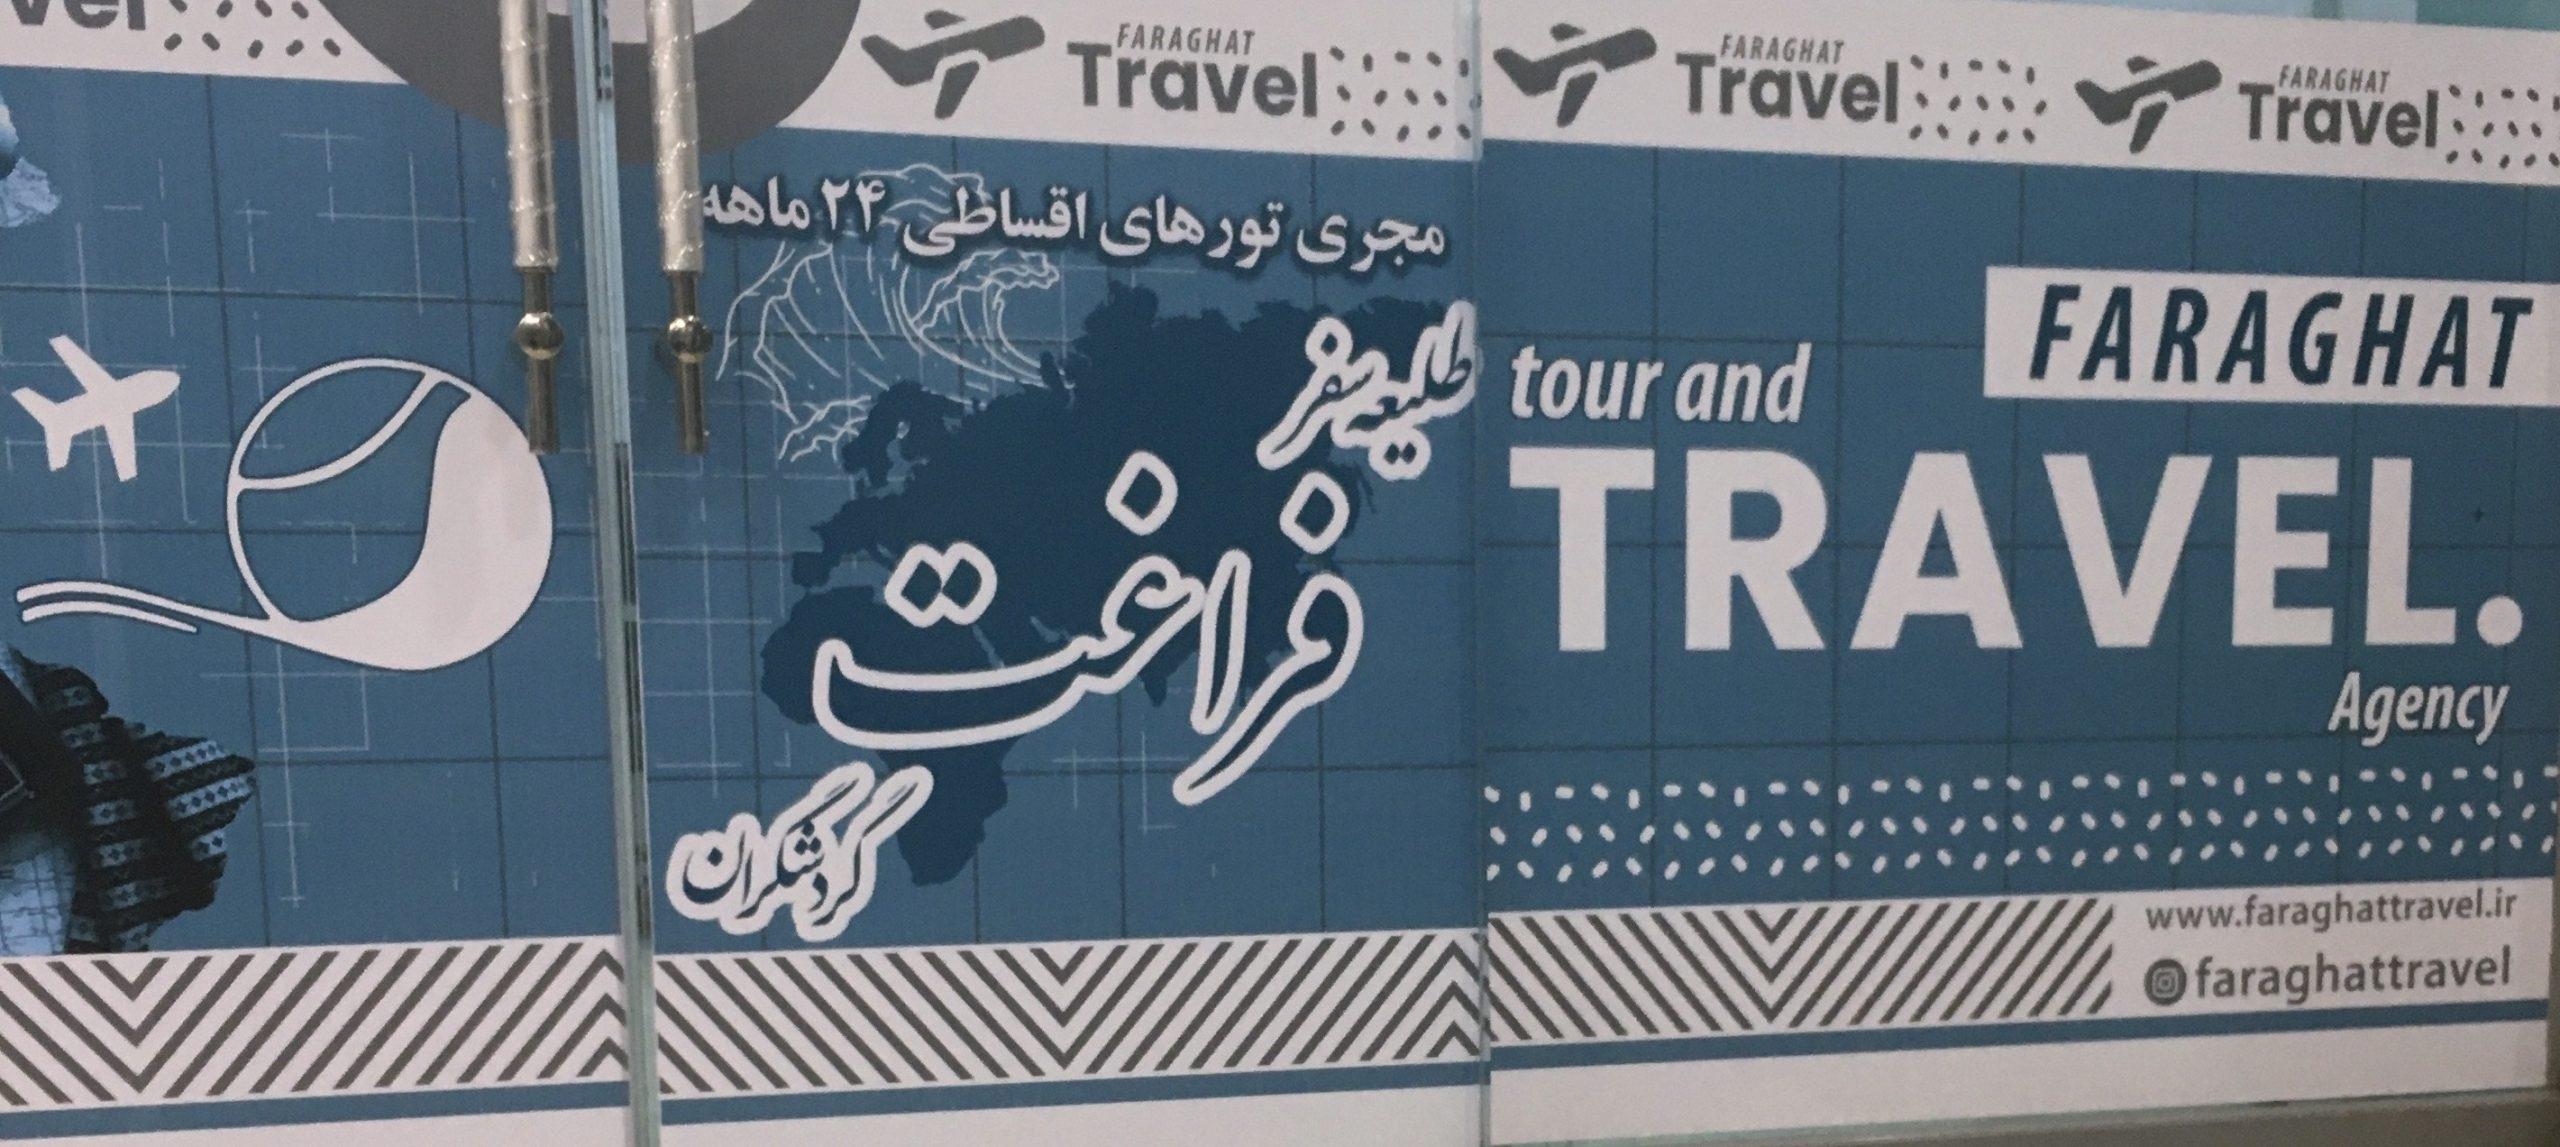 آژانس مسافرتی طلیعه سفر فراغت گردشگران